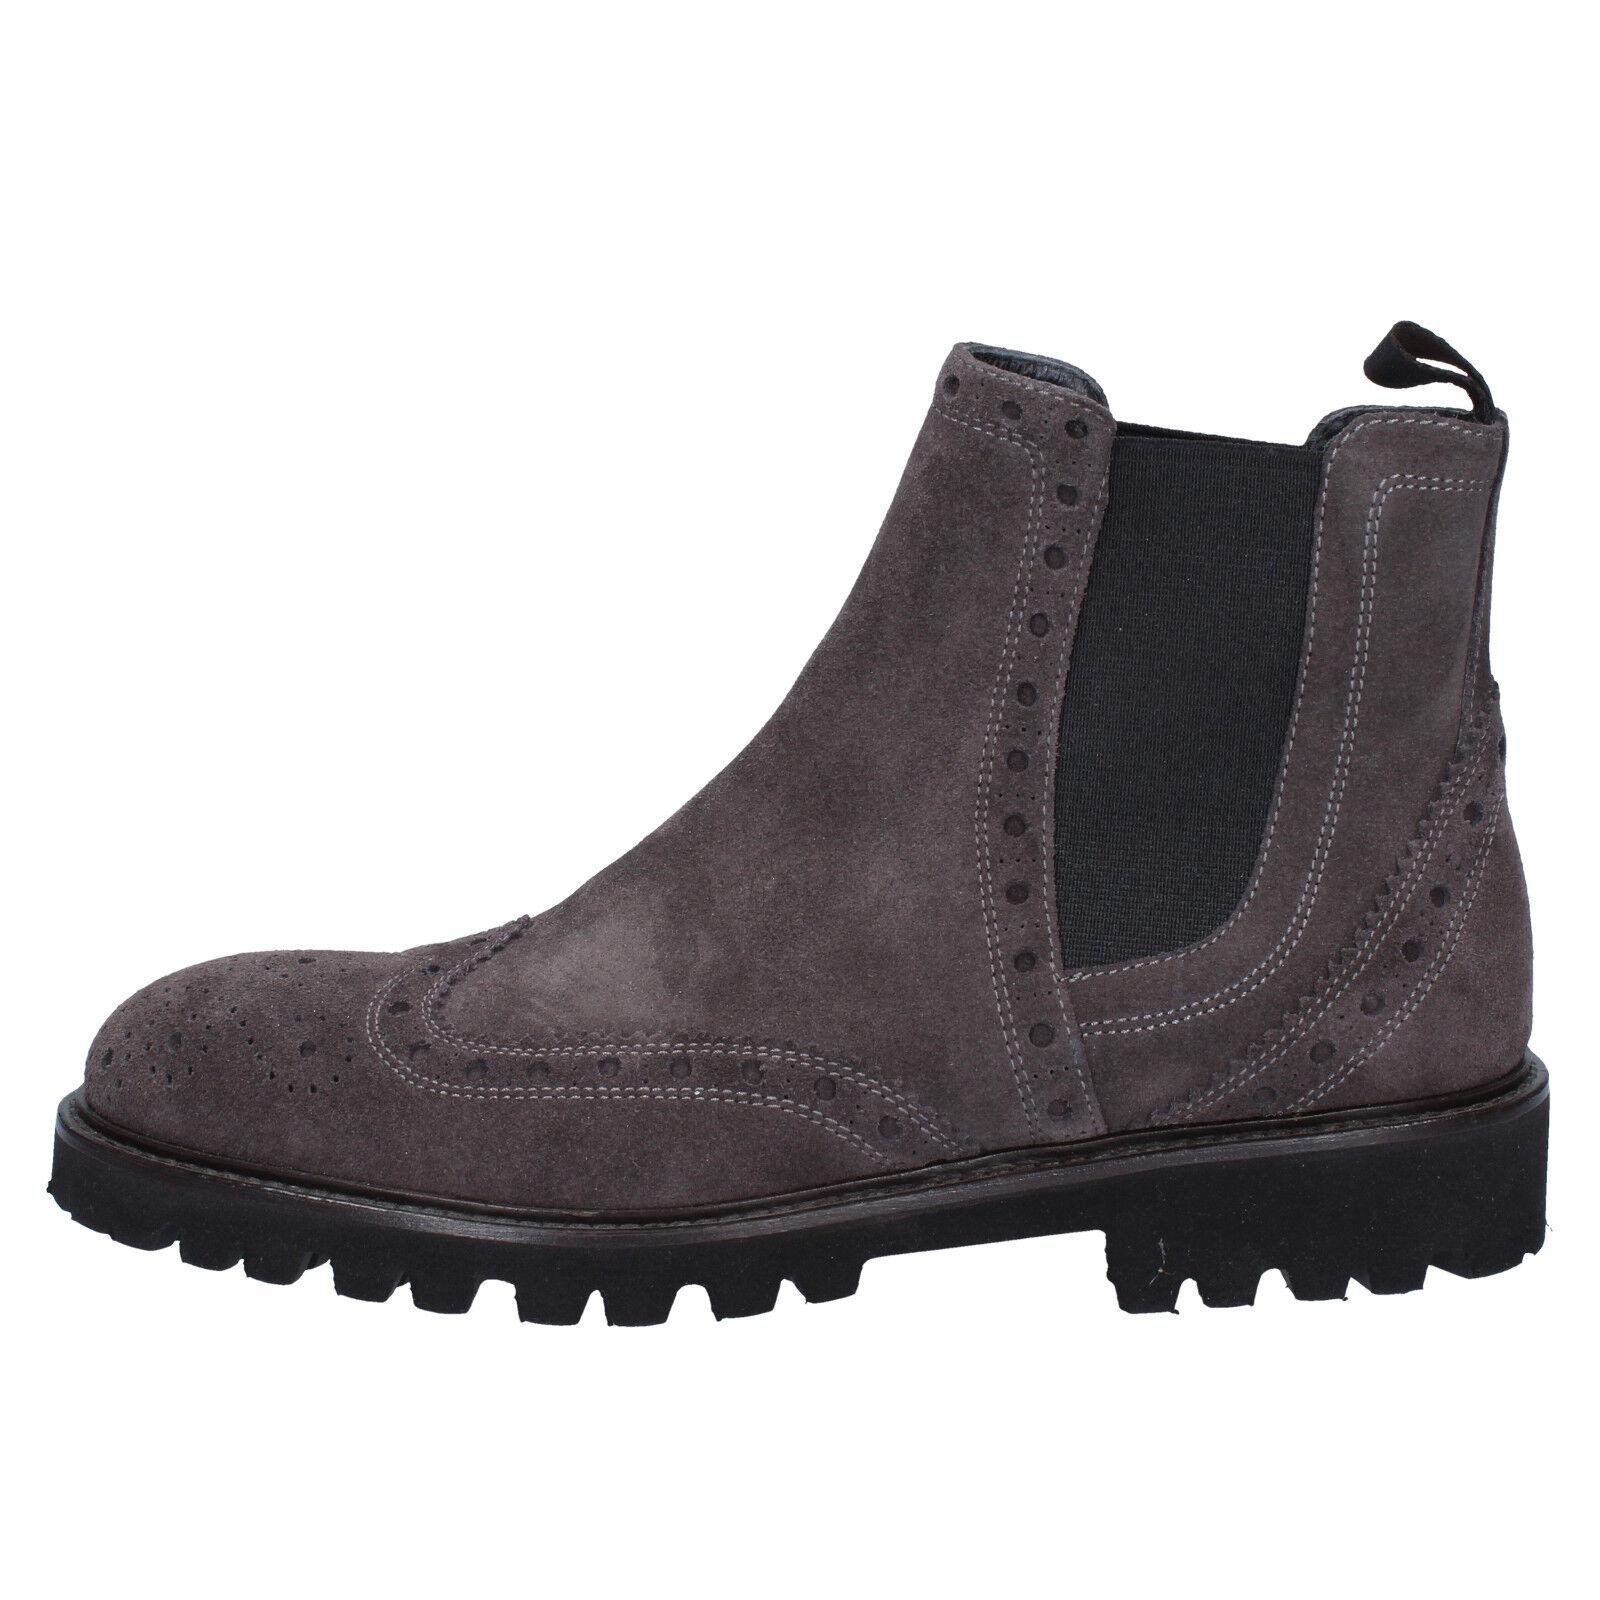 Zapatos de mujer baratos zapatos de mujer Nuevo preguntar a la señora Ante Gris Cremallera Botas Talla 7   74.99